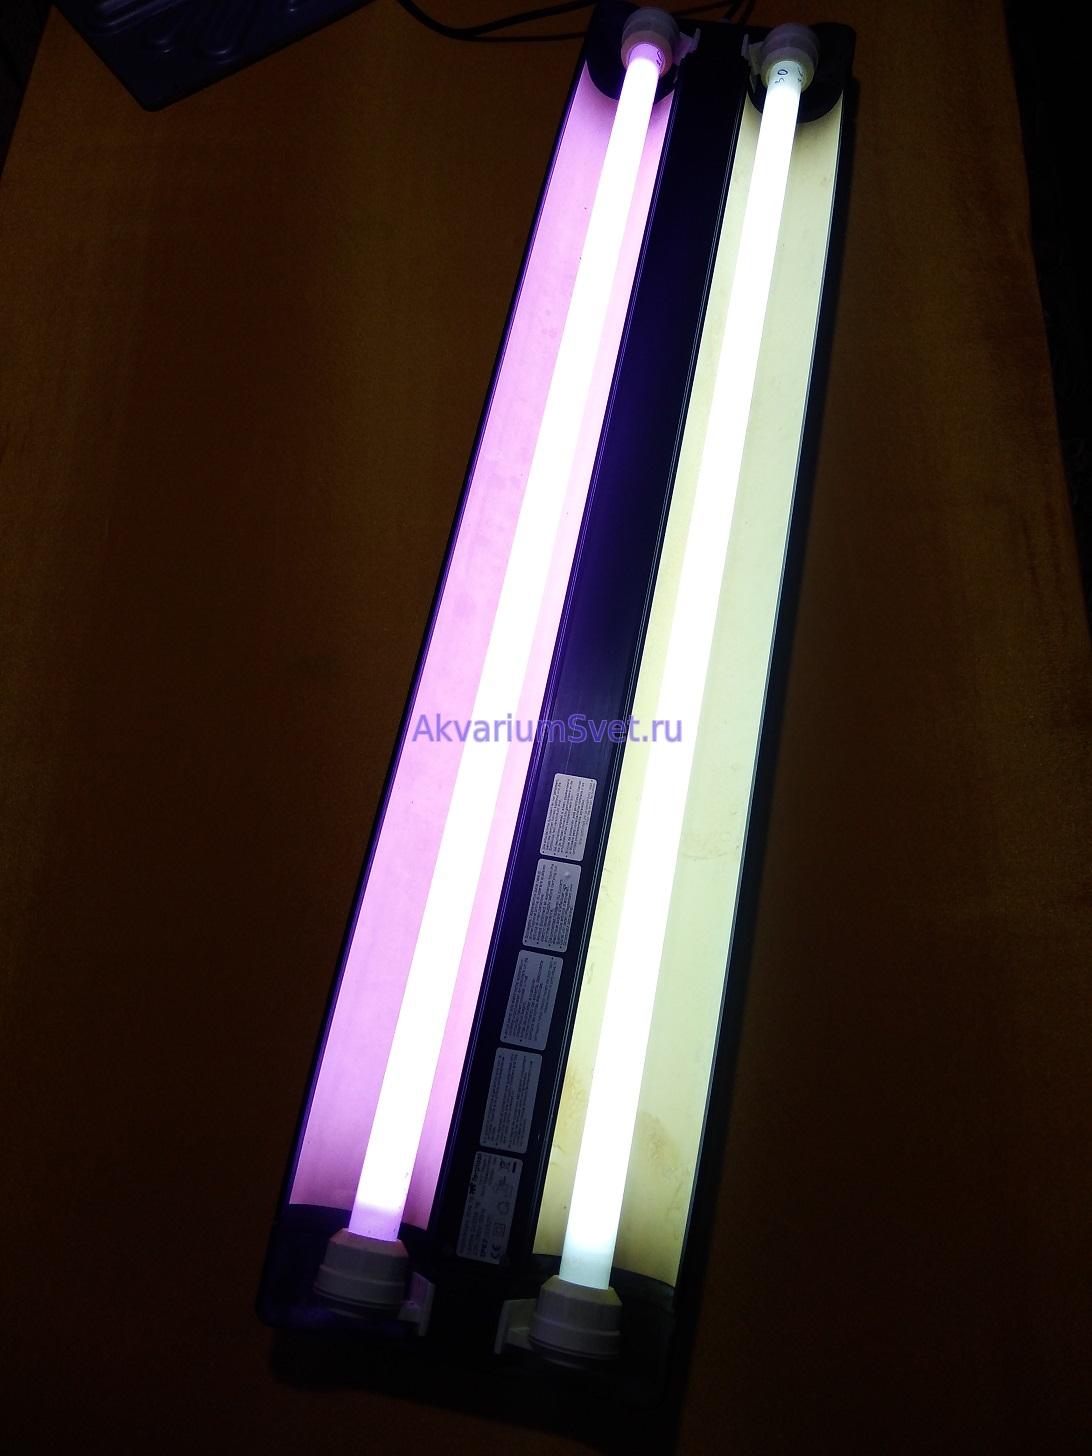 Большинство современных интеллектуальных ЭПРА включают сразу две лампы и по одной лампе зажечь не смогут. Для раздельного включения ламп понадобятся два одинарных ЭПРА.